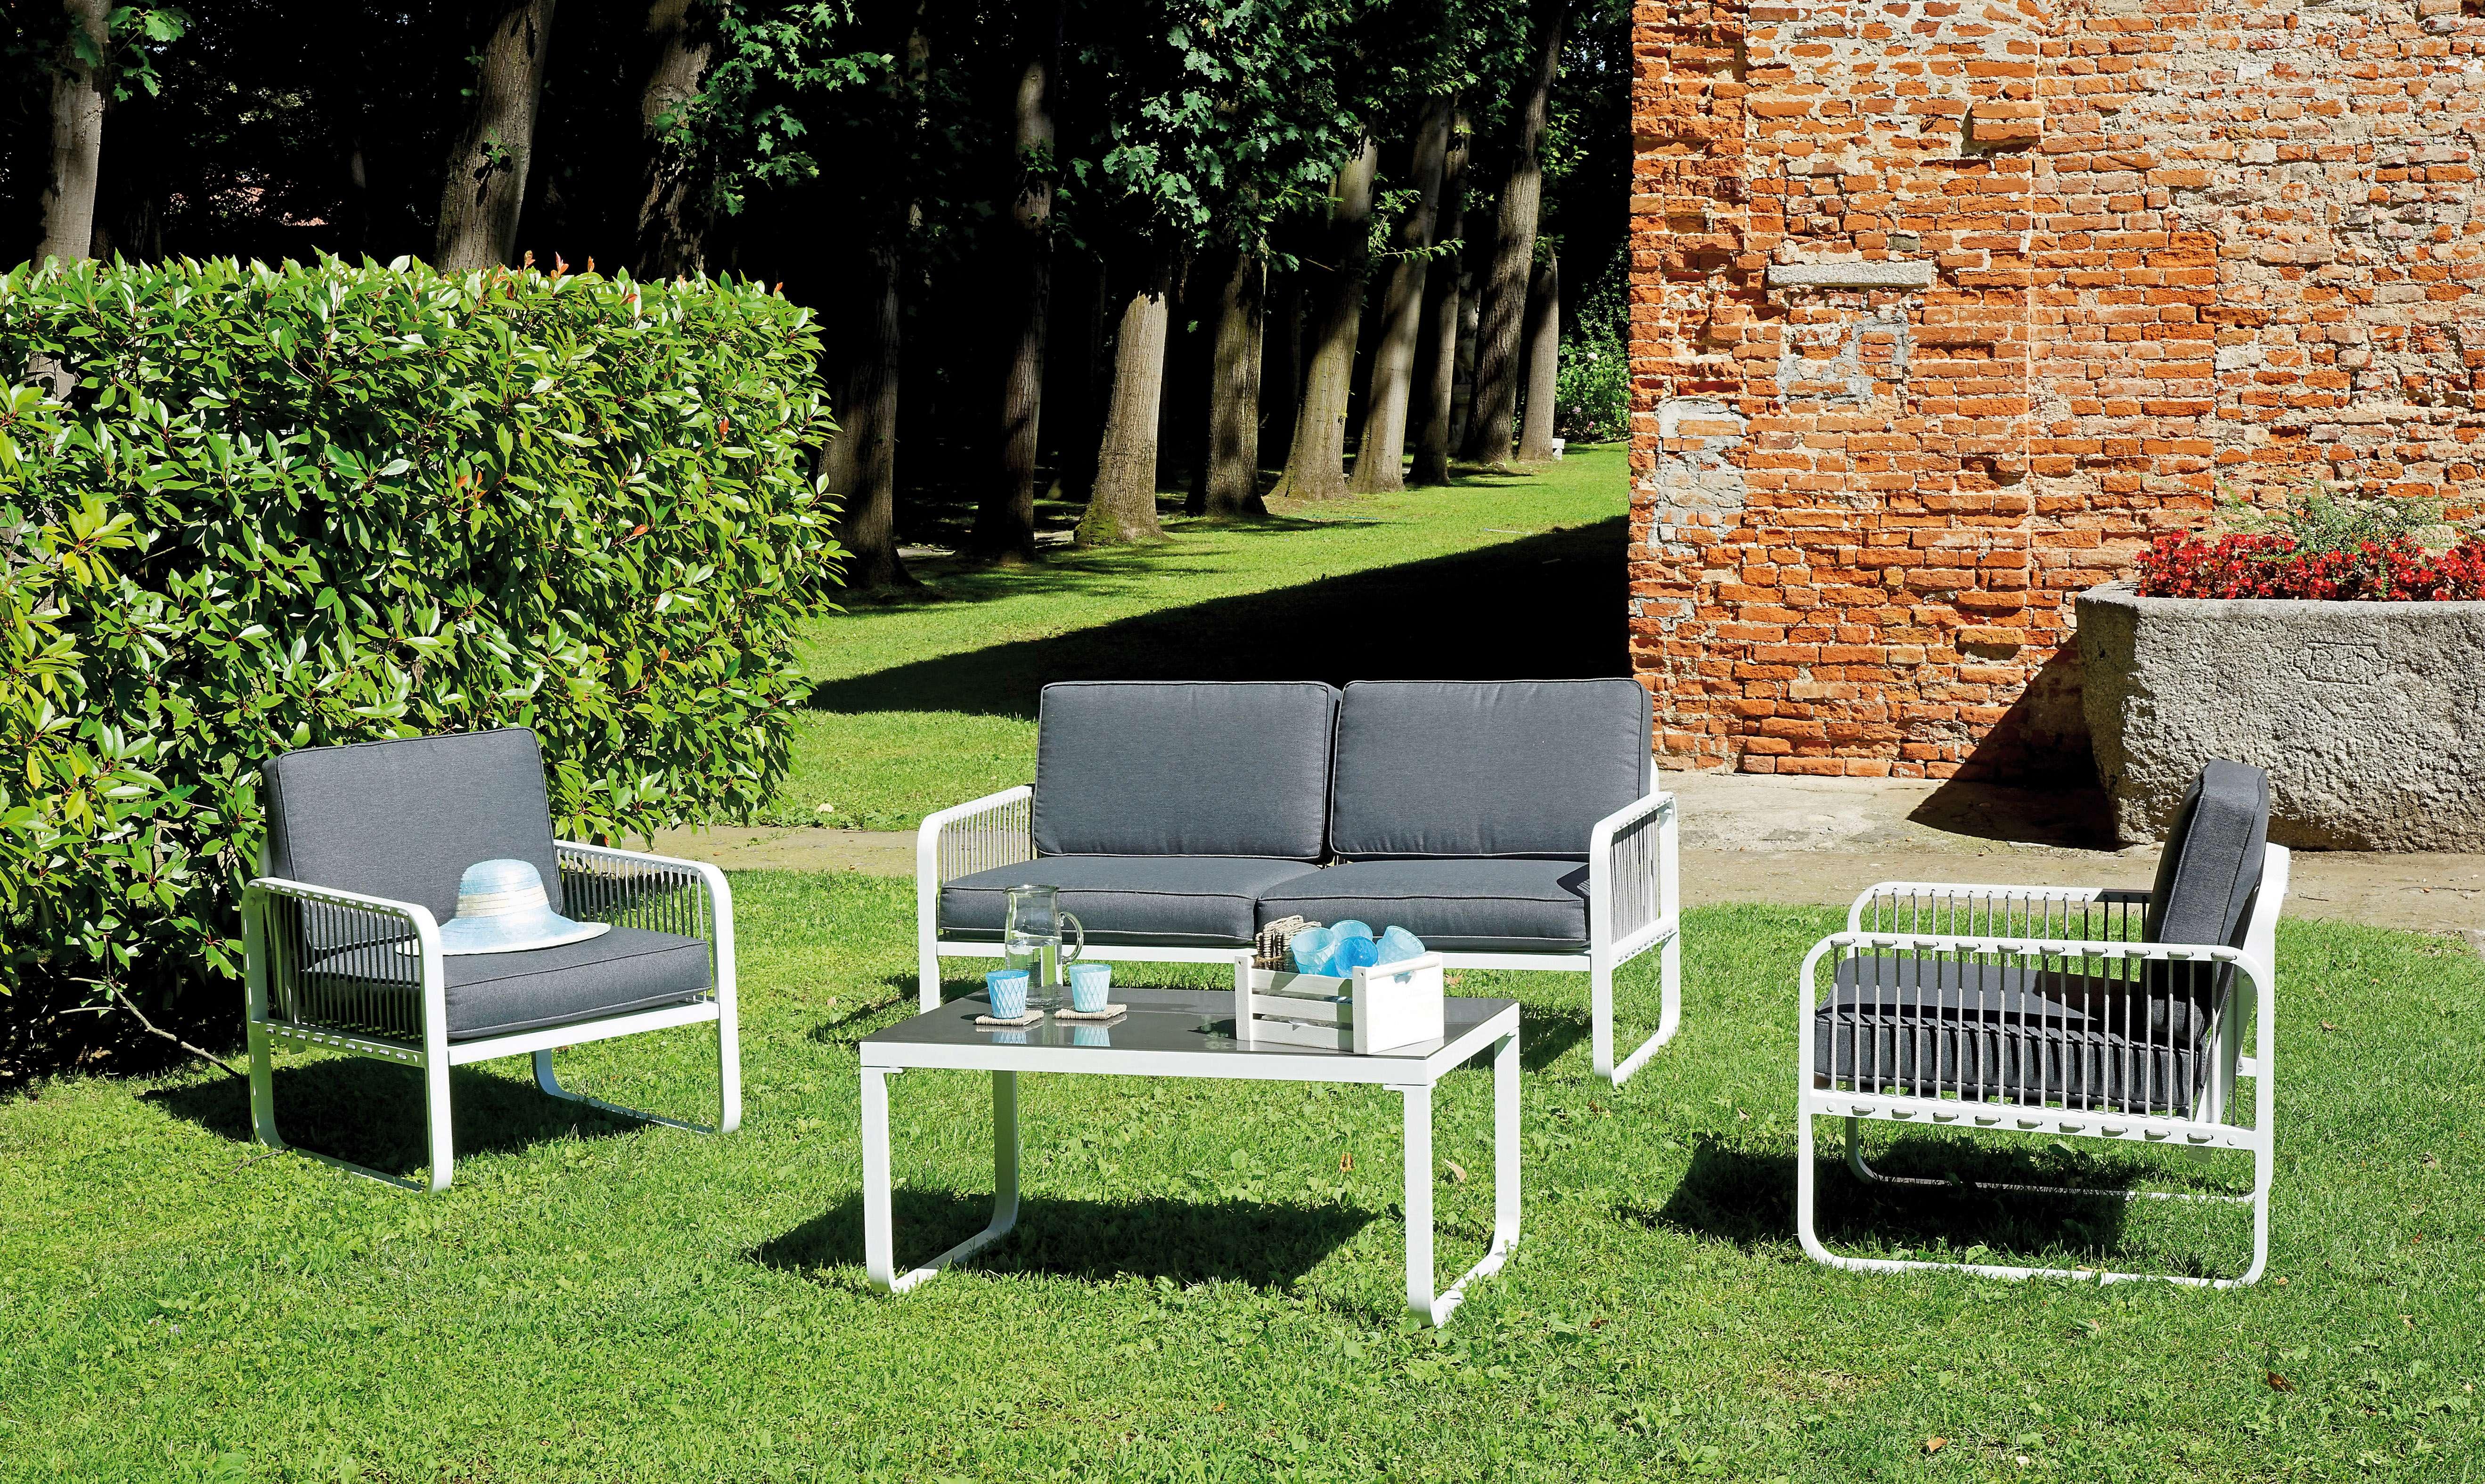 Ambientazione set103 greenwood mobili da giardino for Mobili di giardino